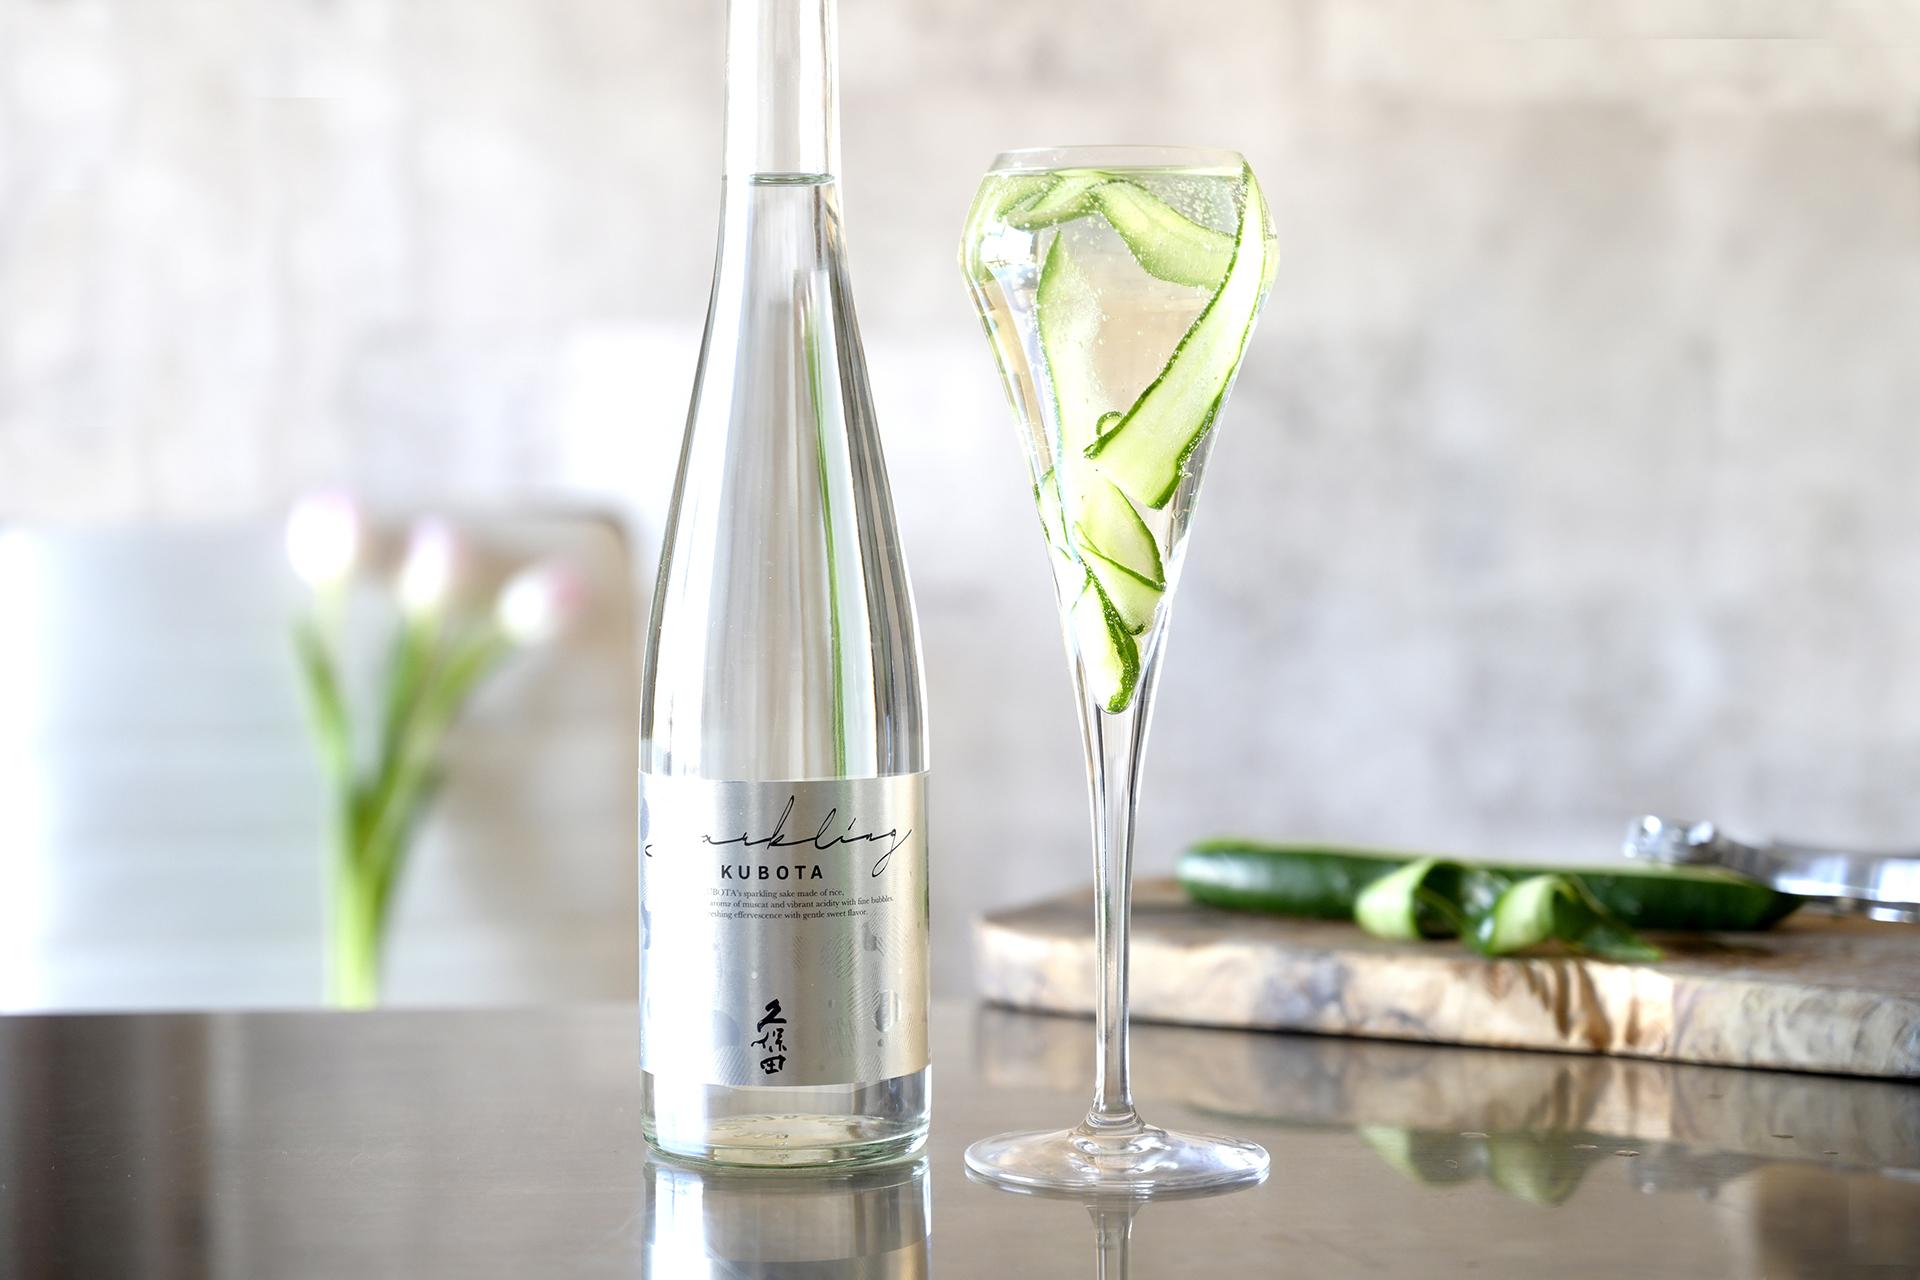 梅雨もすっきり!簡単アレンジのスパークリング日本酒カクテル6選